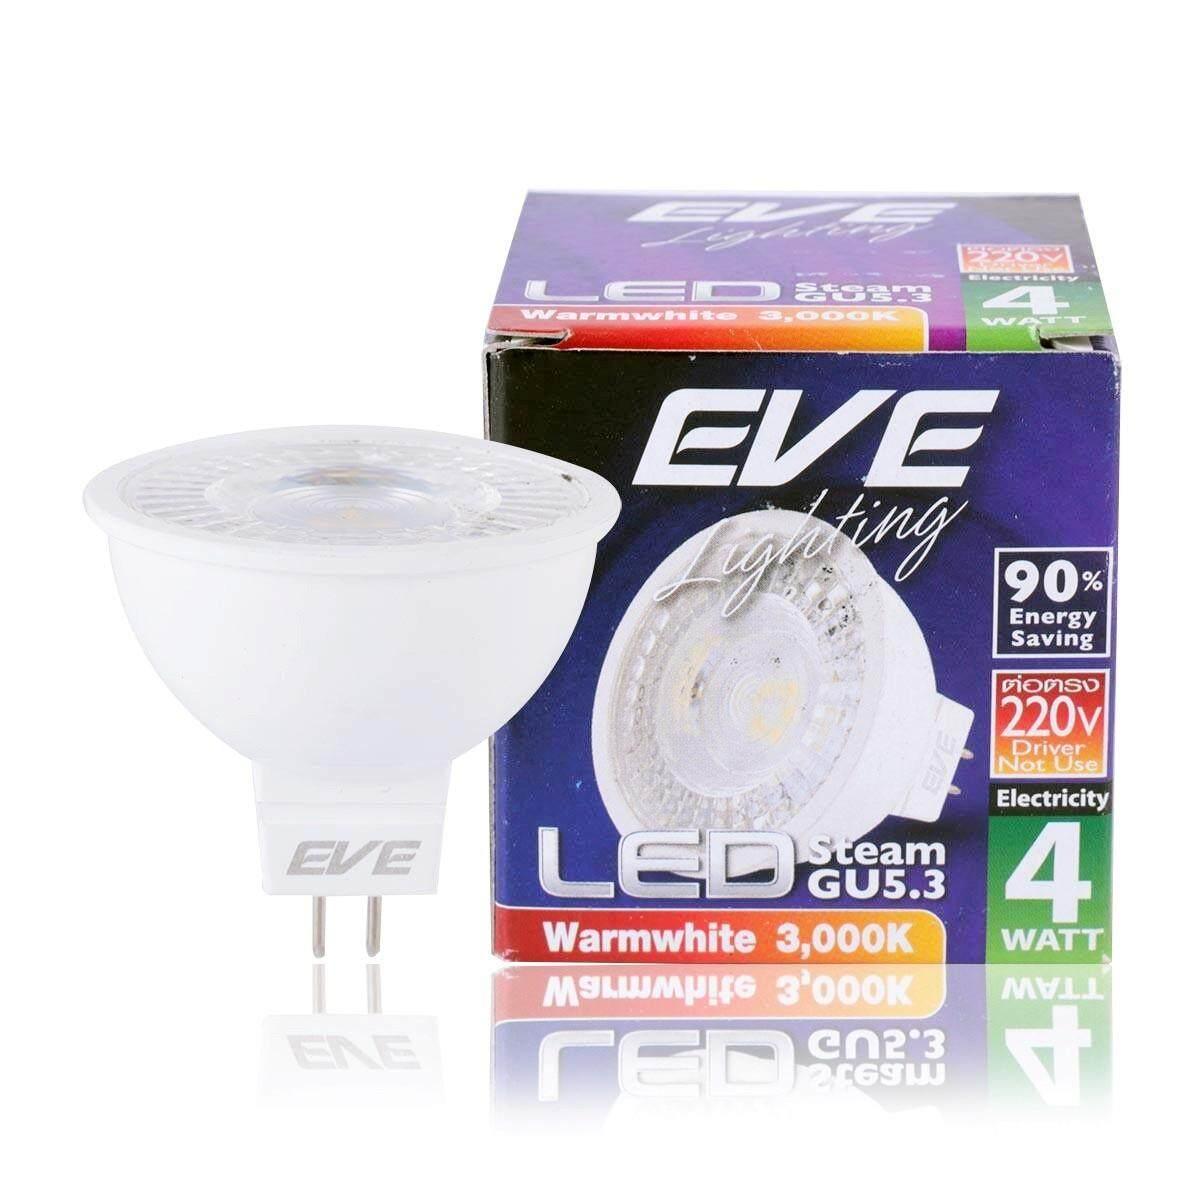 EVE หลอดไฟ LED 4 วัตต์ รุ่น MR16 สตีม (WARM WHITE)